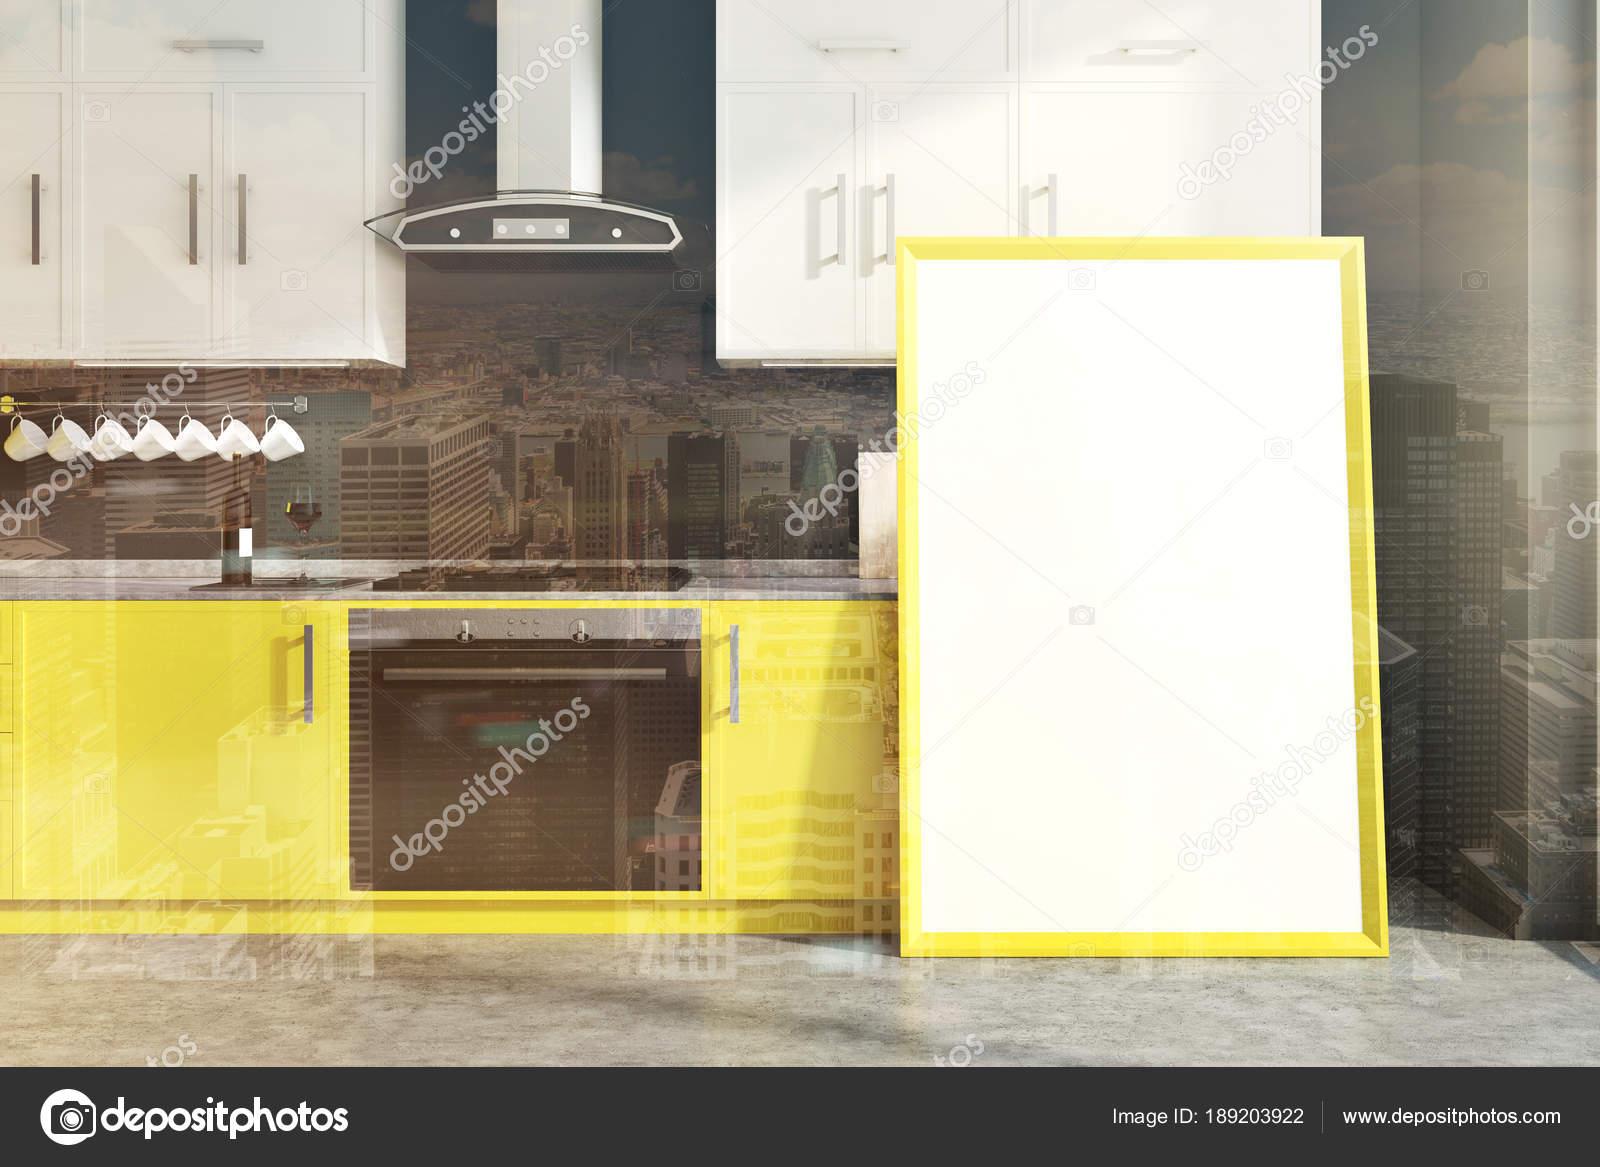 Graue Wand Küche Interieur Mit Gelben Und Weißen Zähler, Ein Schrank, Ein  Waschbecken Und Ein Herd. Ein Gerahmtes Vertikale Poster Auf Dem Boden.